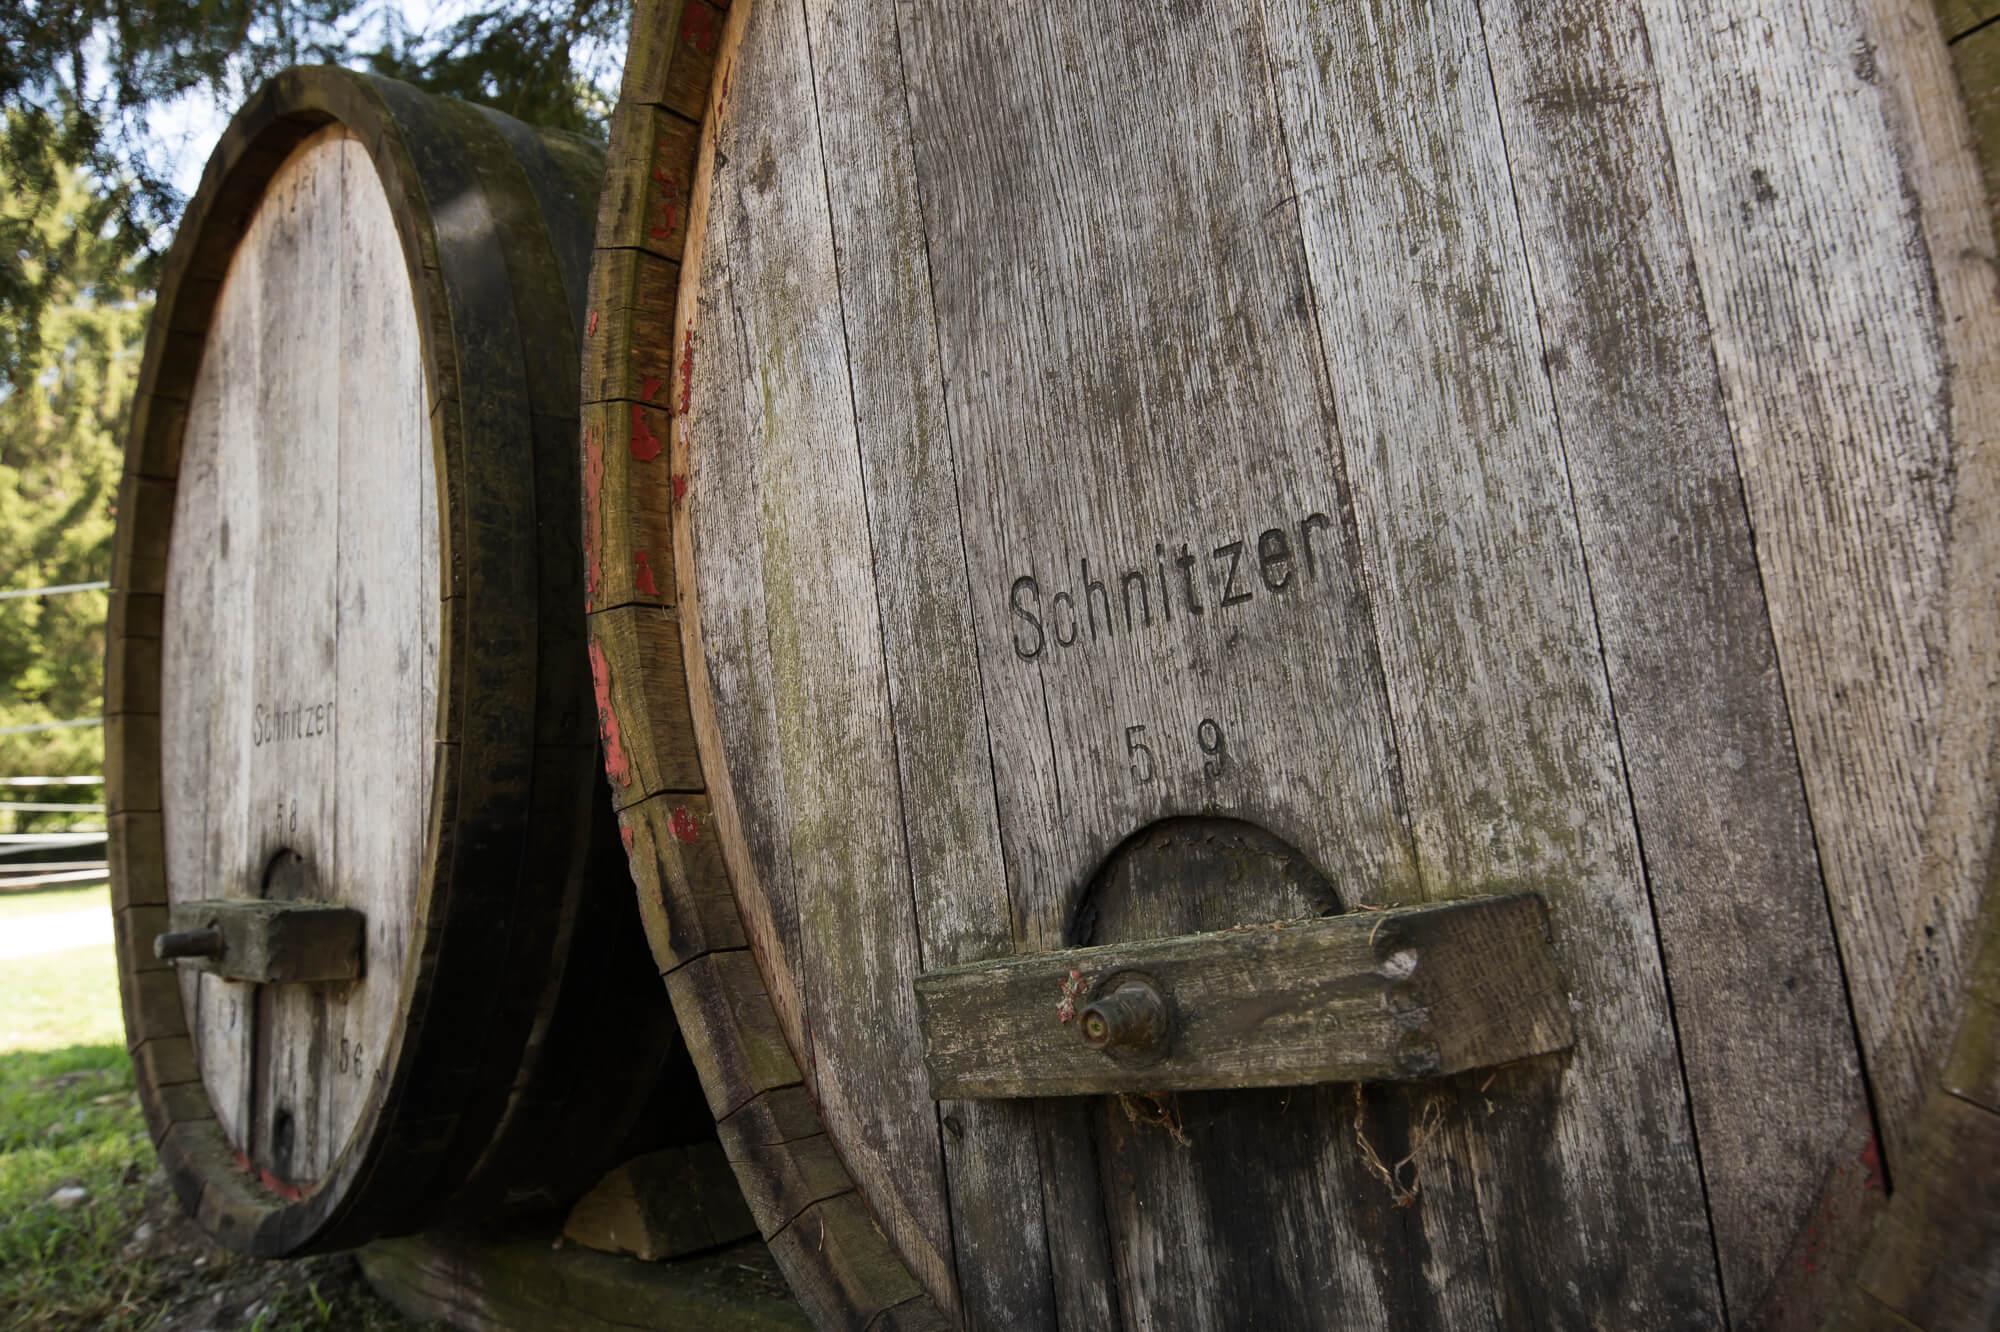 Brennereiführung - Holzfässer der Destillerie Schnitzer